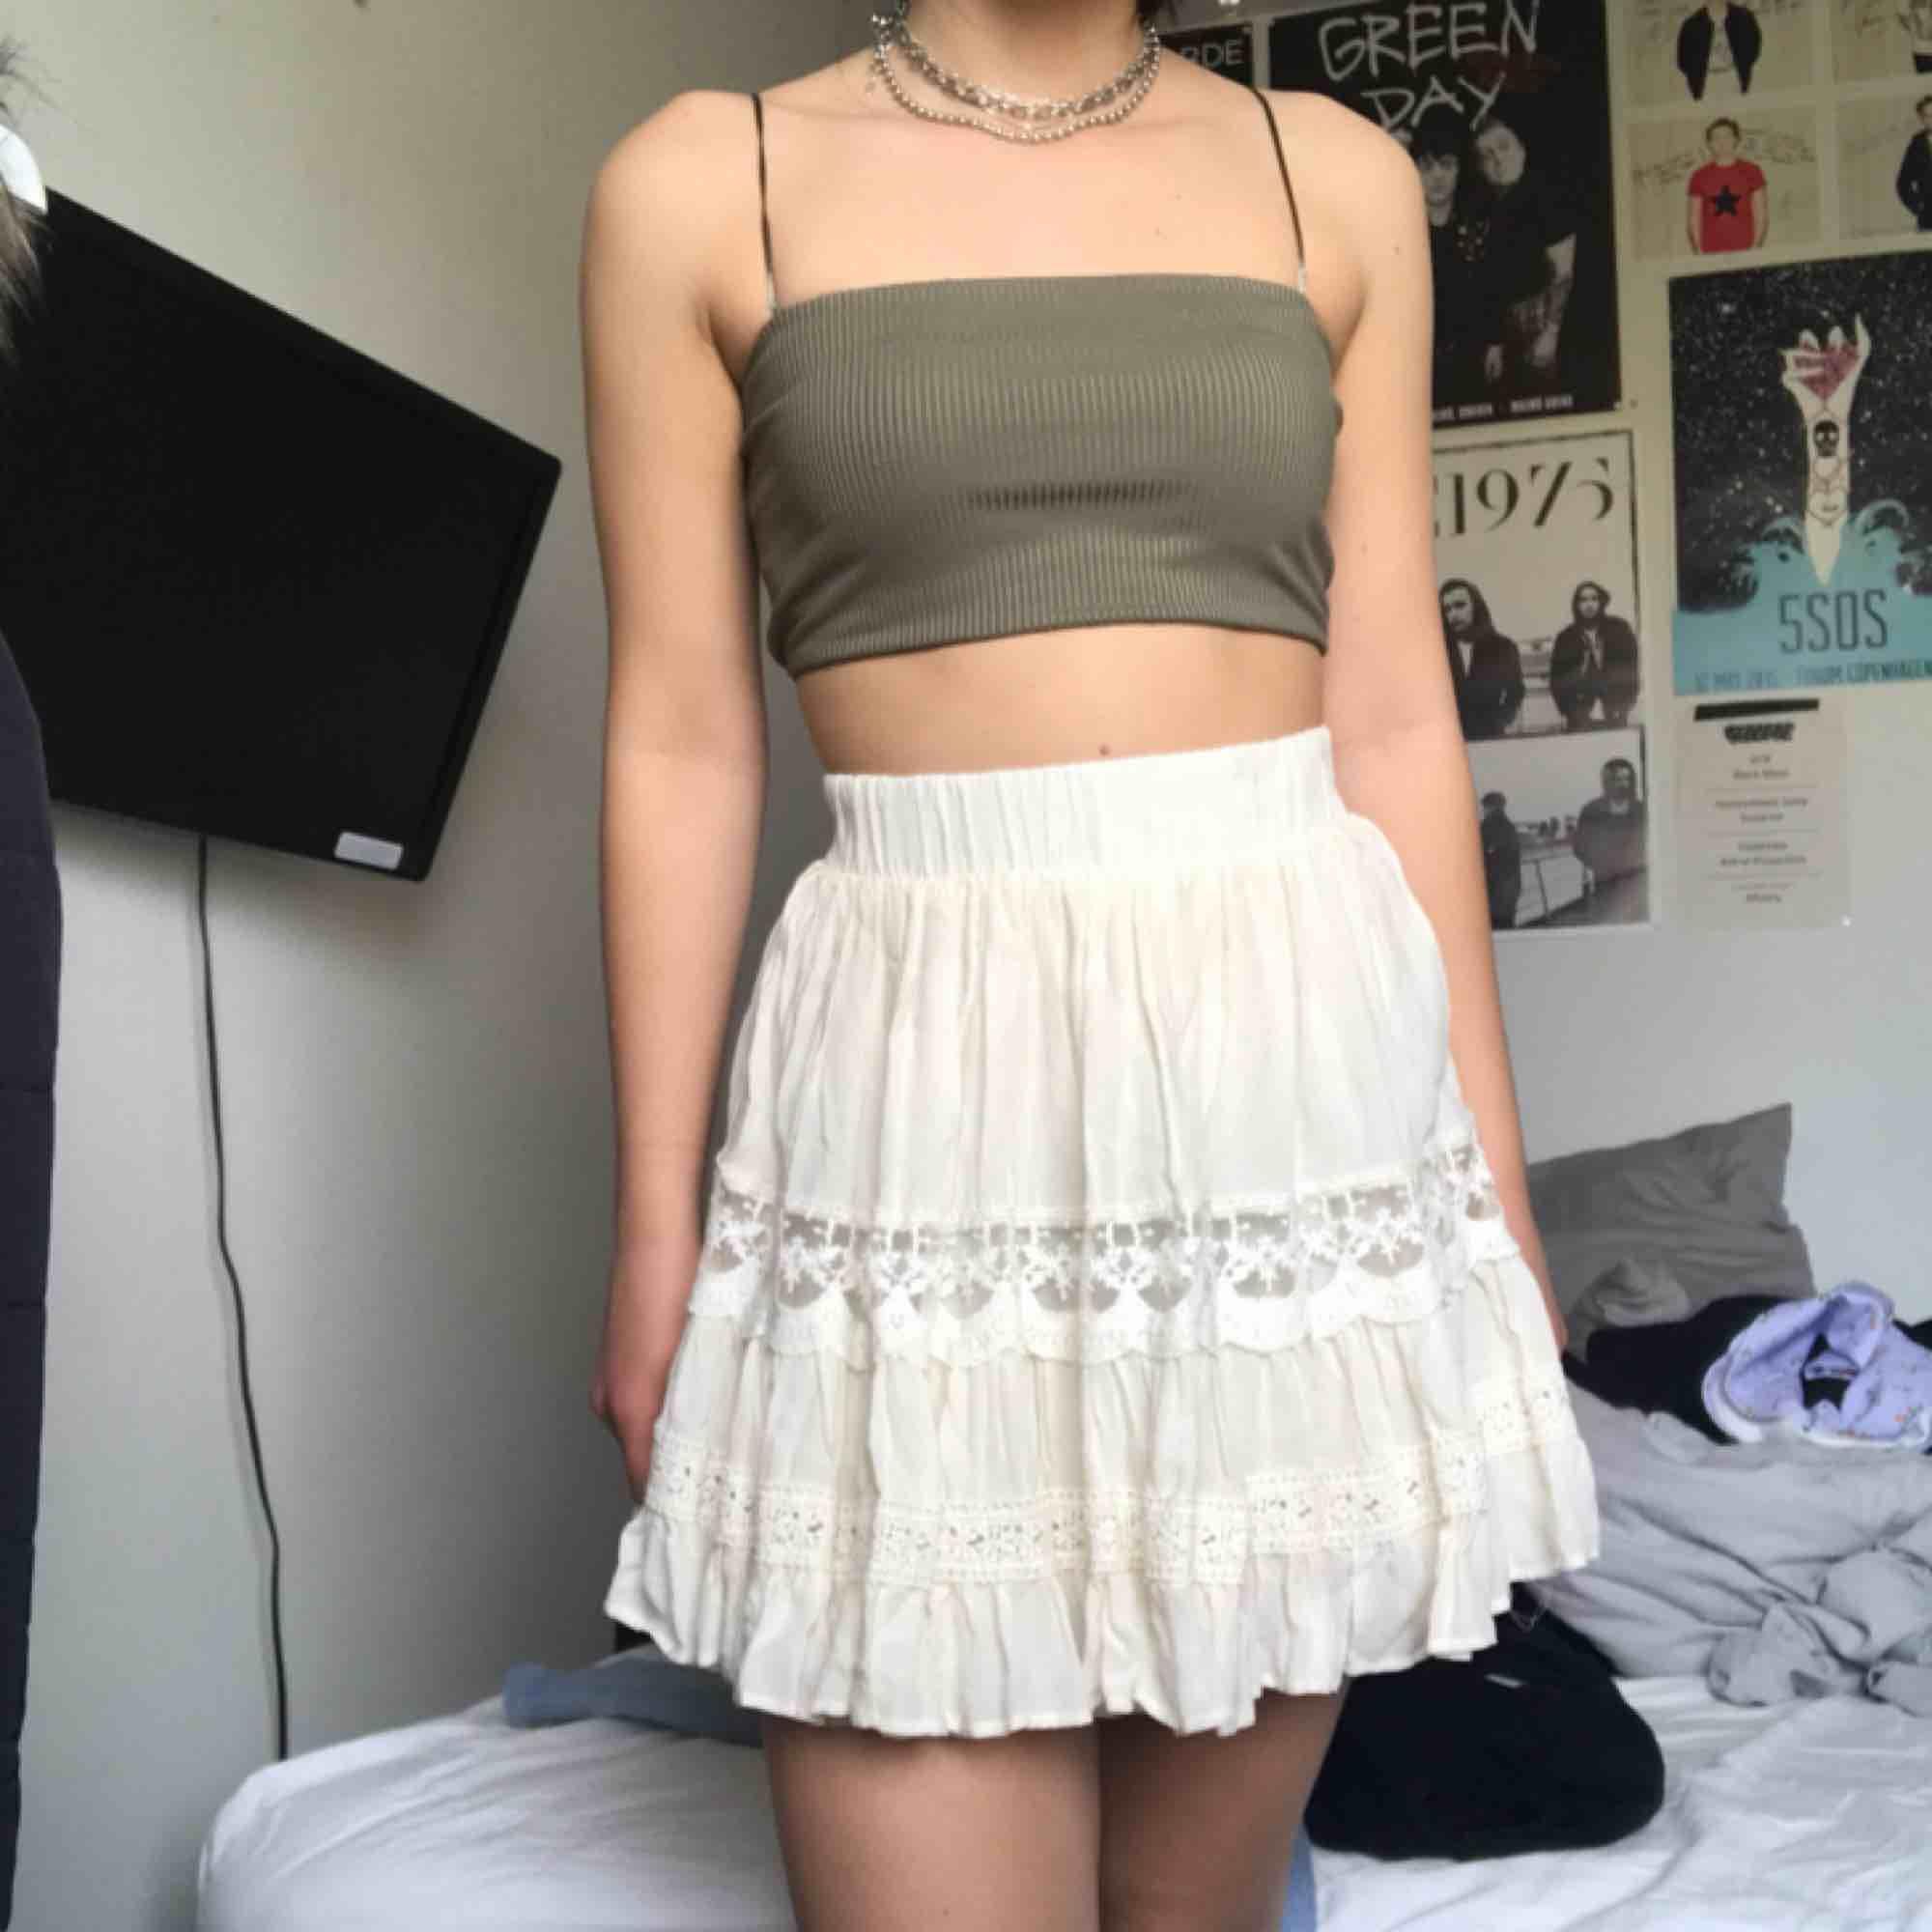 Väldigt söt helt oanvänd kjol från forever21 med spets. Den sitter jättefint och är helt perfekt flowy. Superfin nu till sommaren med en kort topp som på bilden! Köparen står för frakt<3. Kjolar.